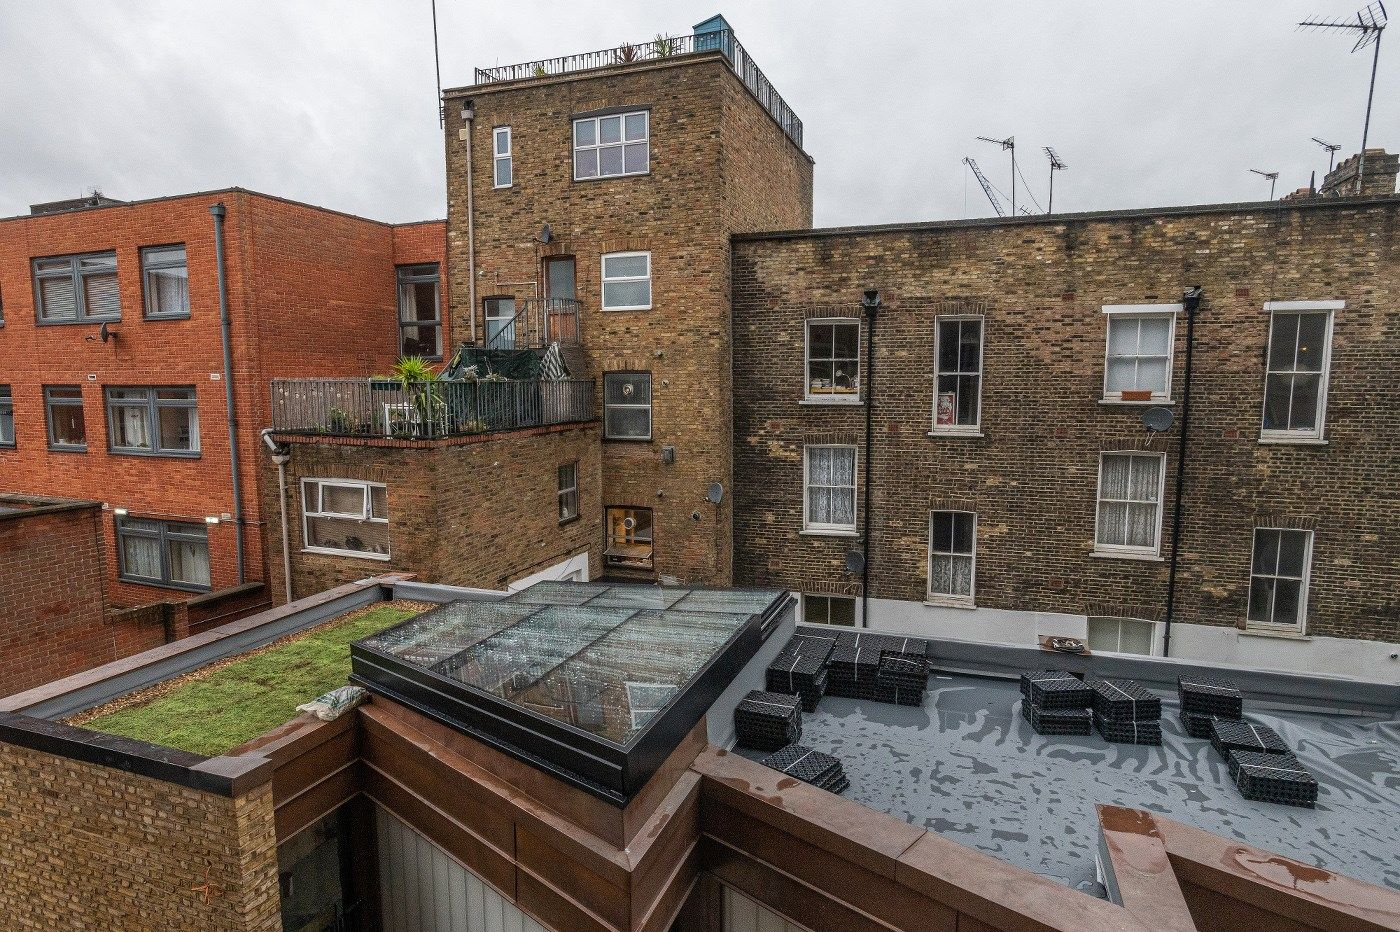 Sostenibilità, estetica e qualità svettano sul tetto di Chalk Farm a Londra firmato Renolit